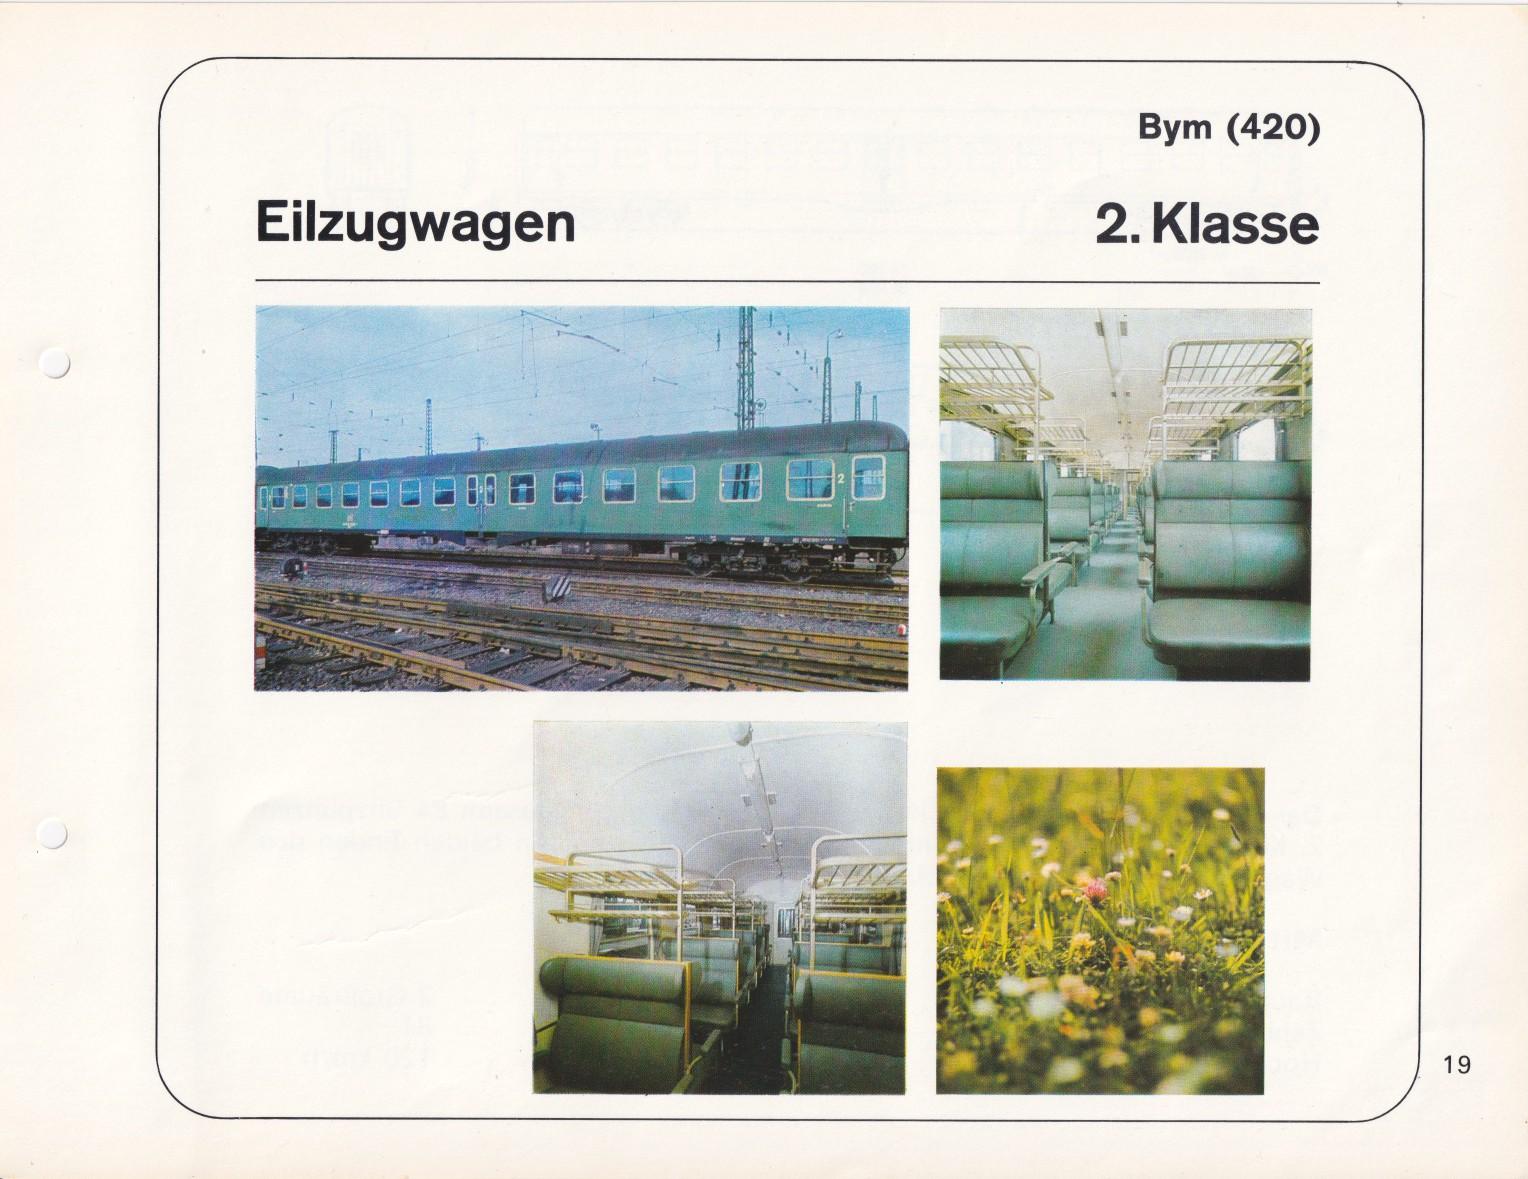 https://www.nullclub.de/hifo/Fahrzeuglexikon/Wagen19a.jpg